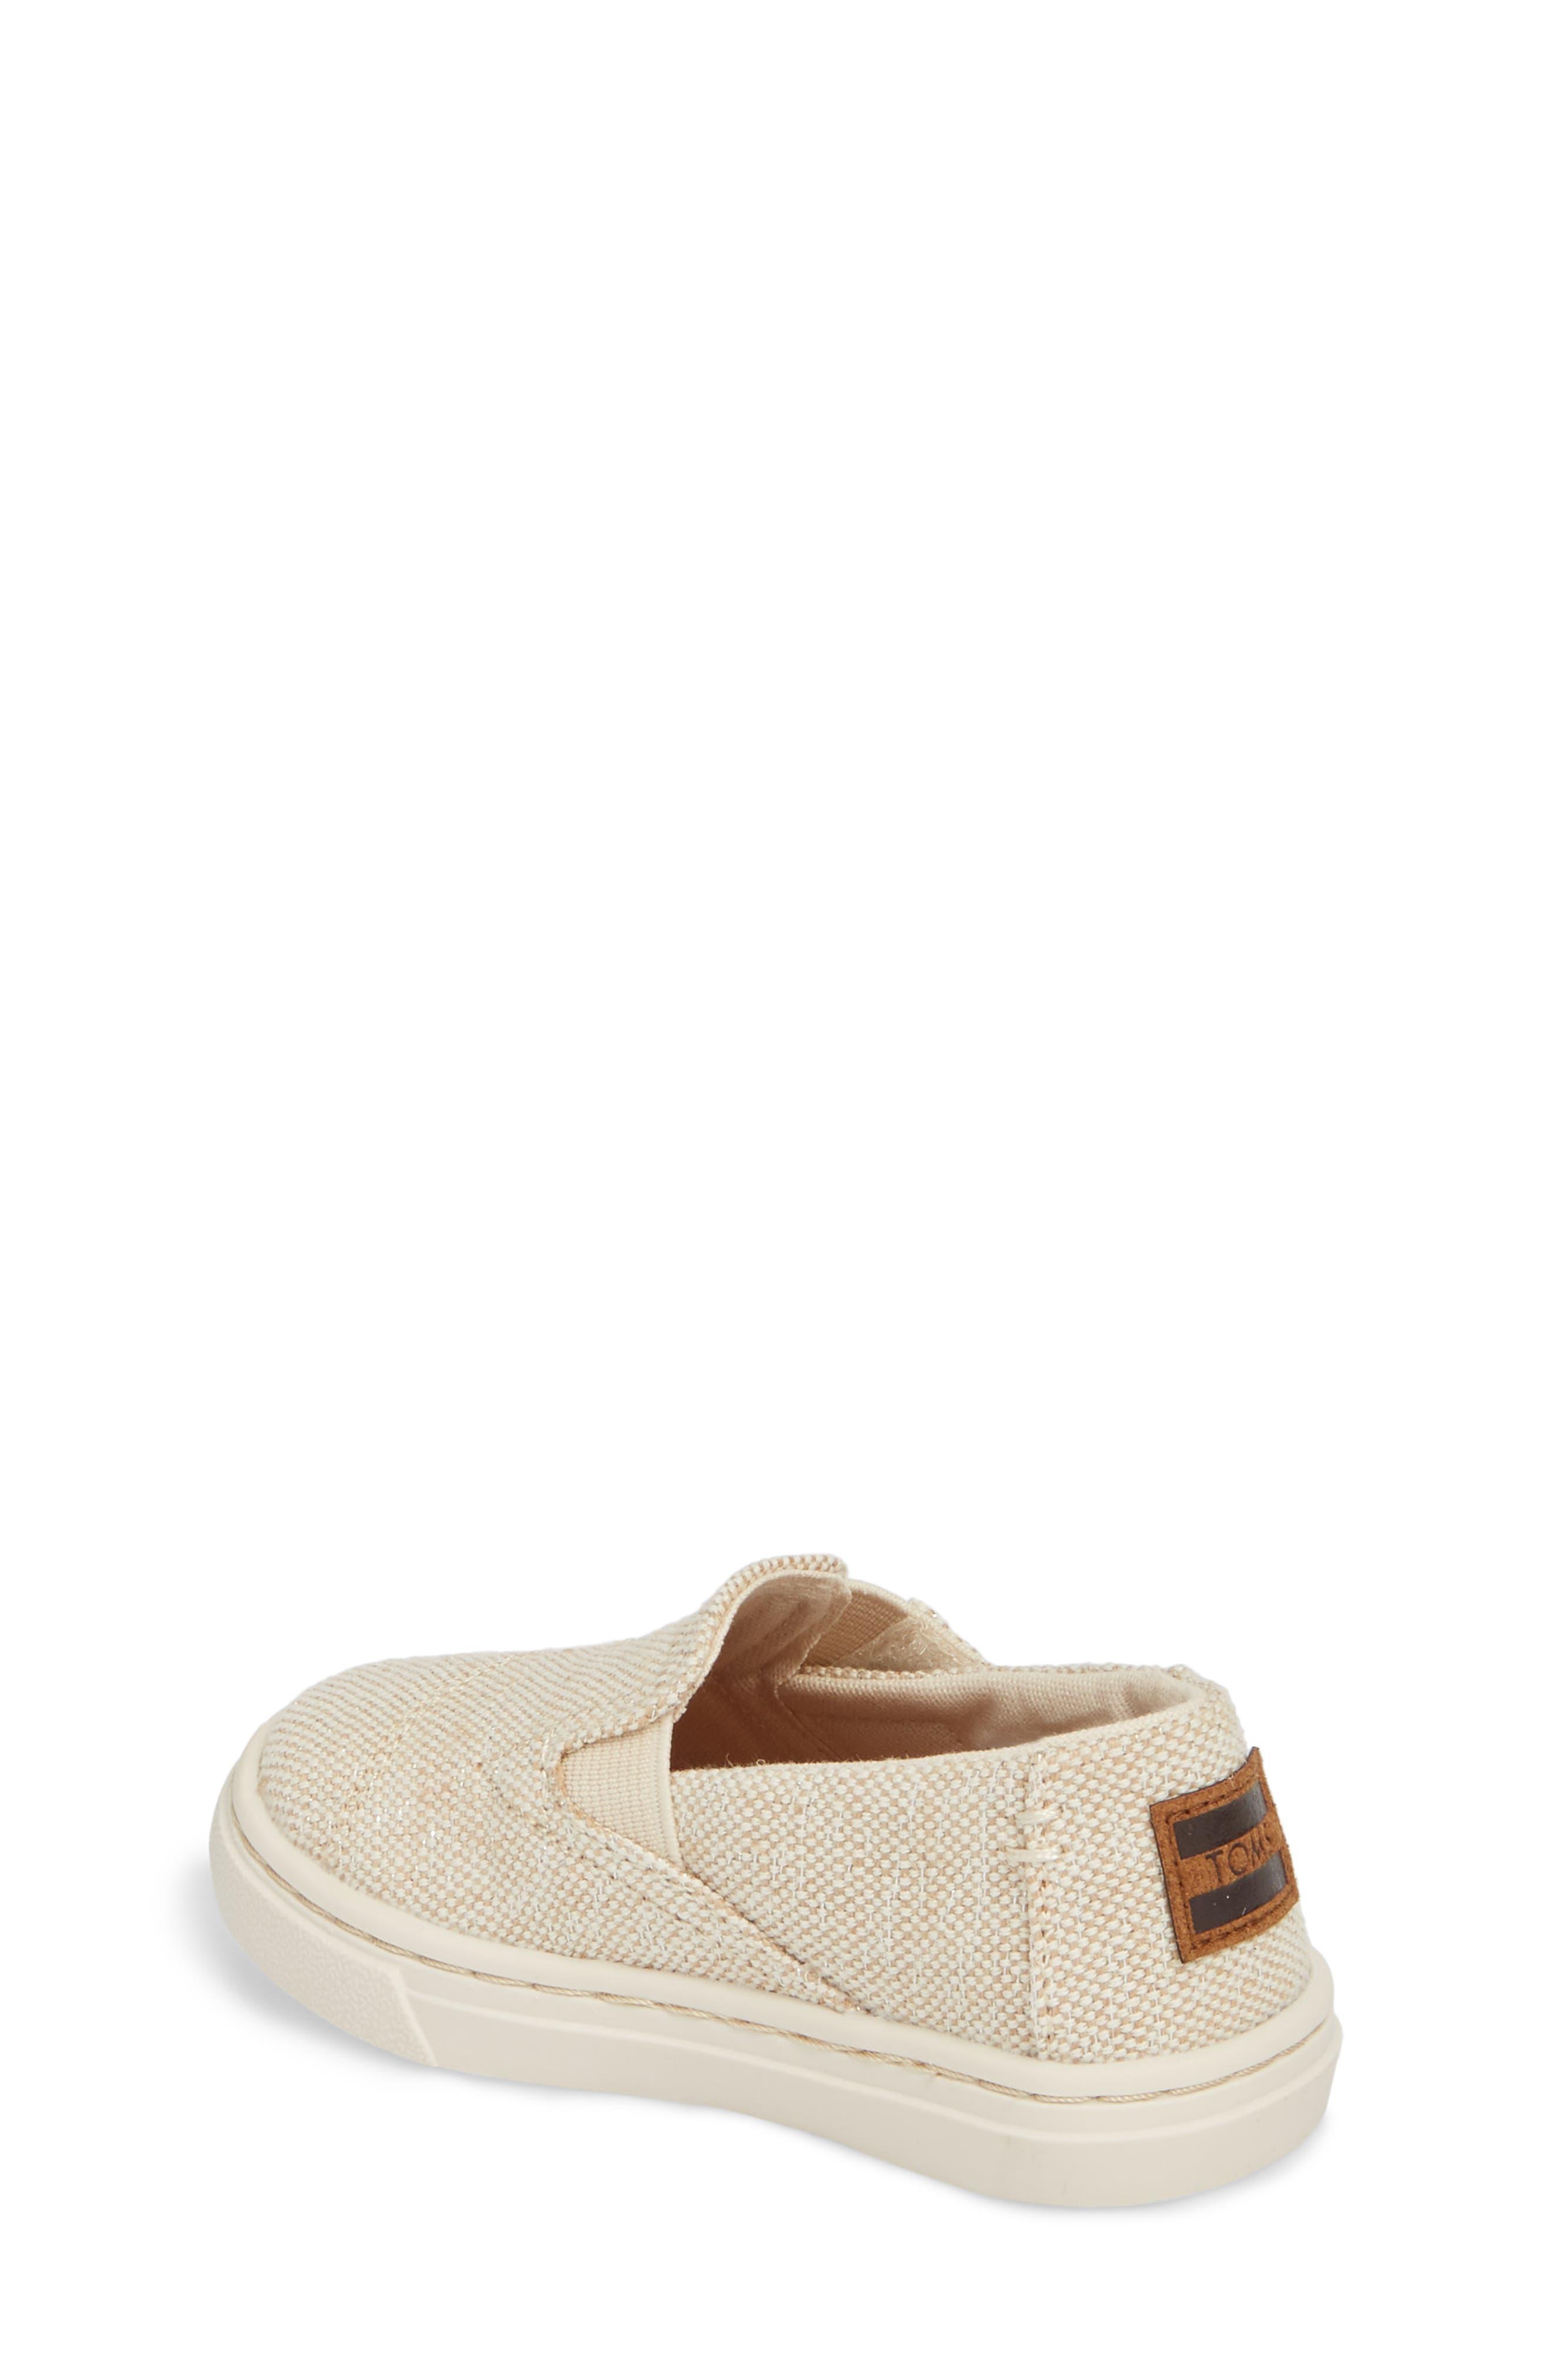 Luca Slip-On Sneaker,                             Alternate thumbnail 2, color,                             Natural Metallic Jute